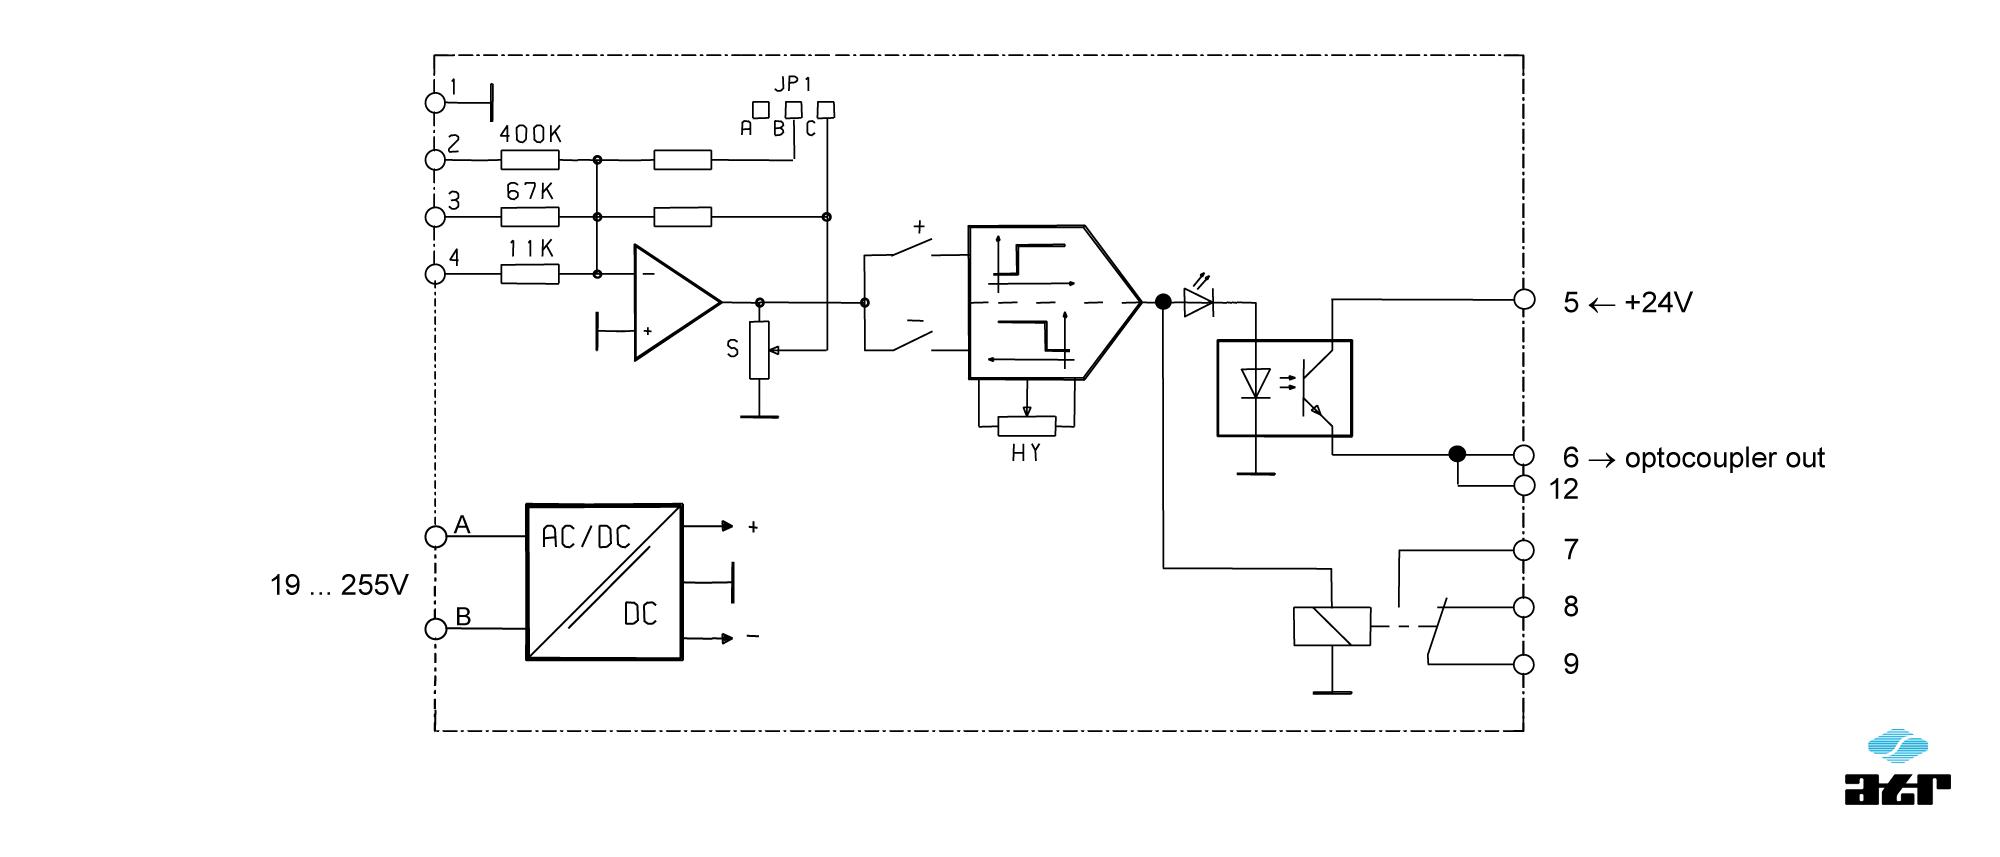 Anschlussplan: ATR Grenzwertschalter KM211